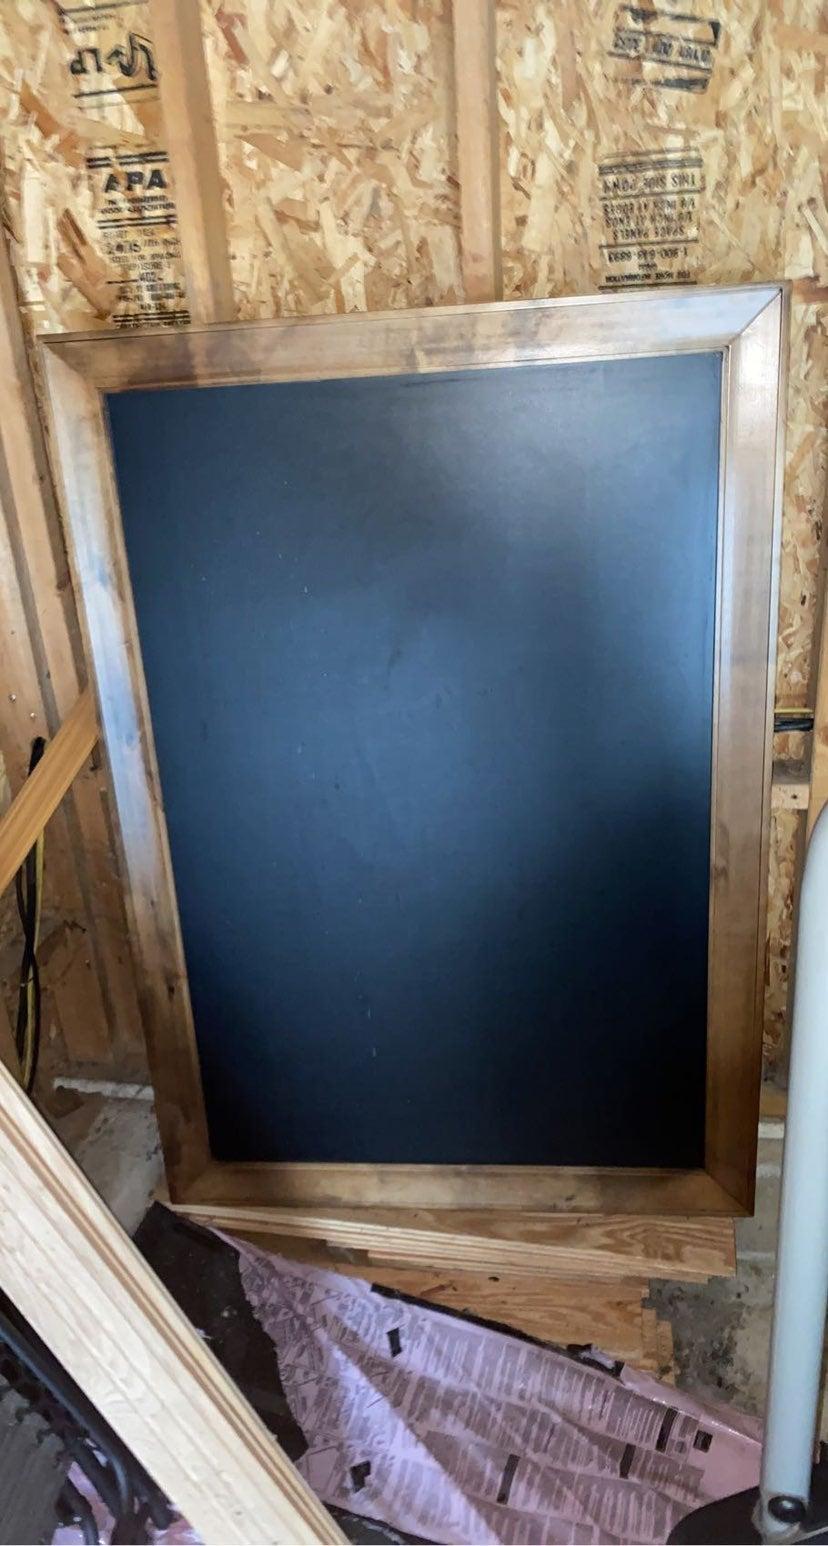 Chalkboard 3ft x 4ft